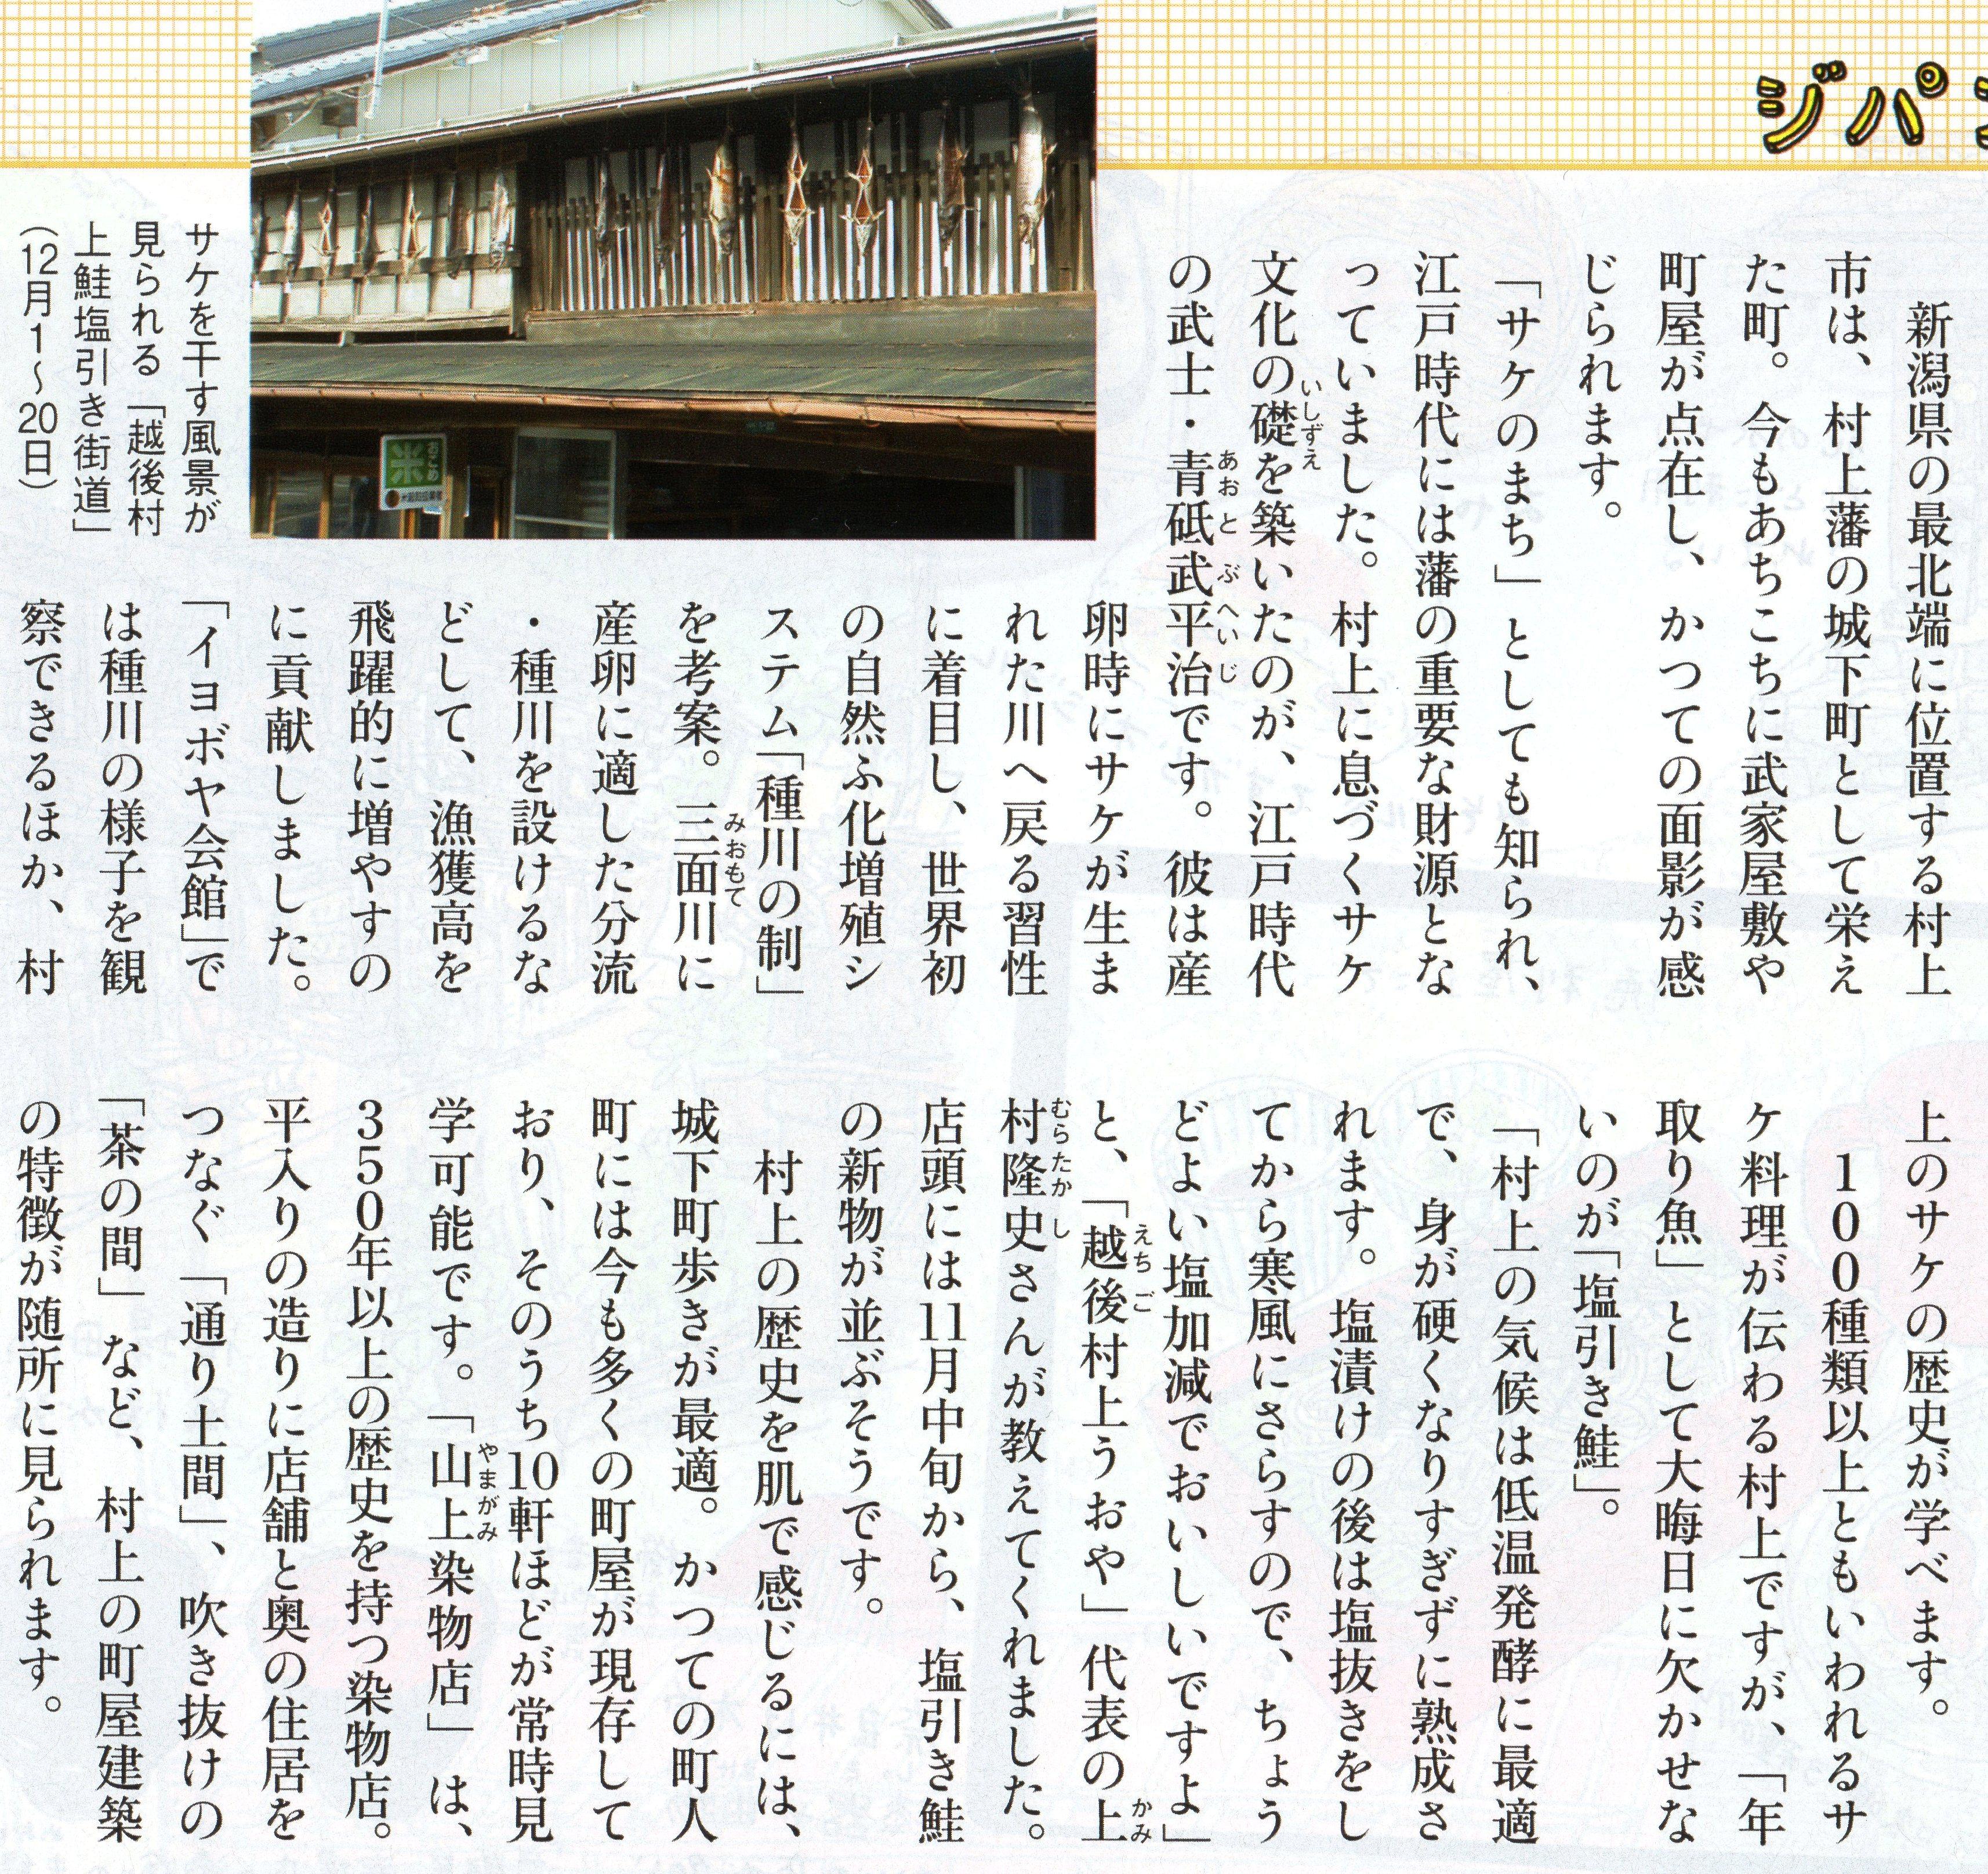 引き鮭が彩る城下町・村上 新潟県村上市